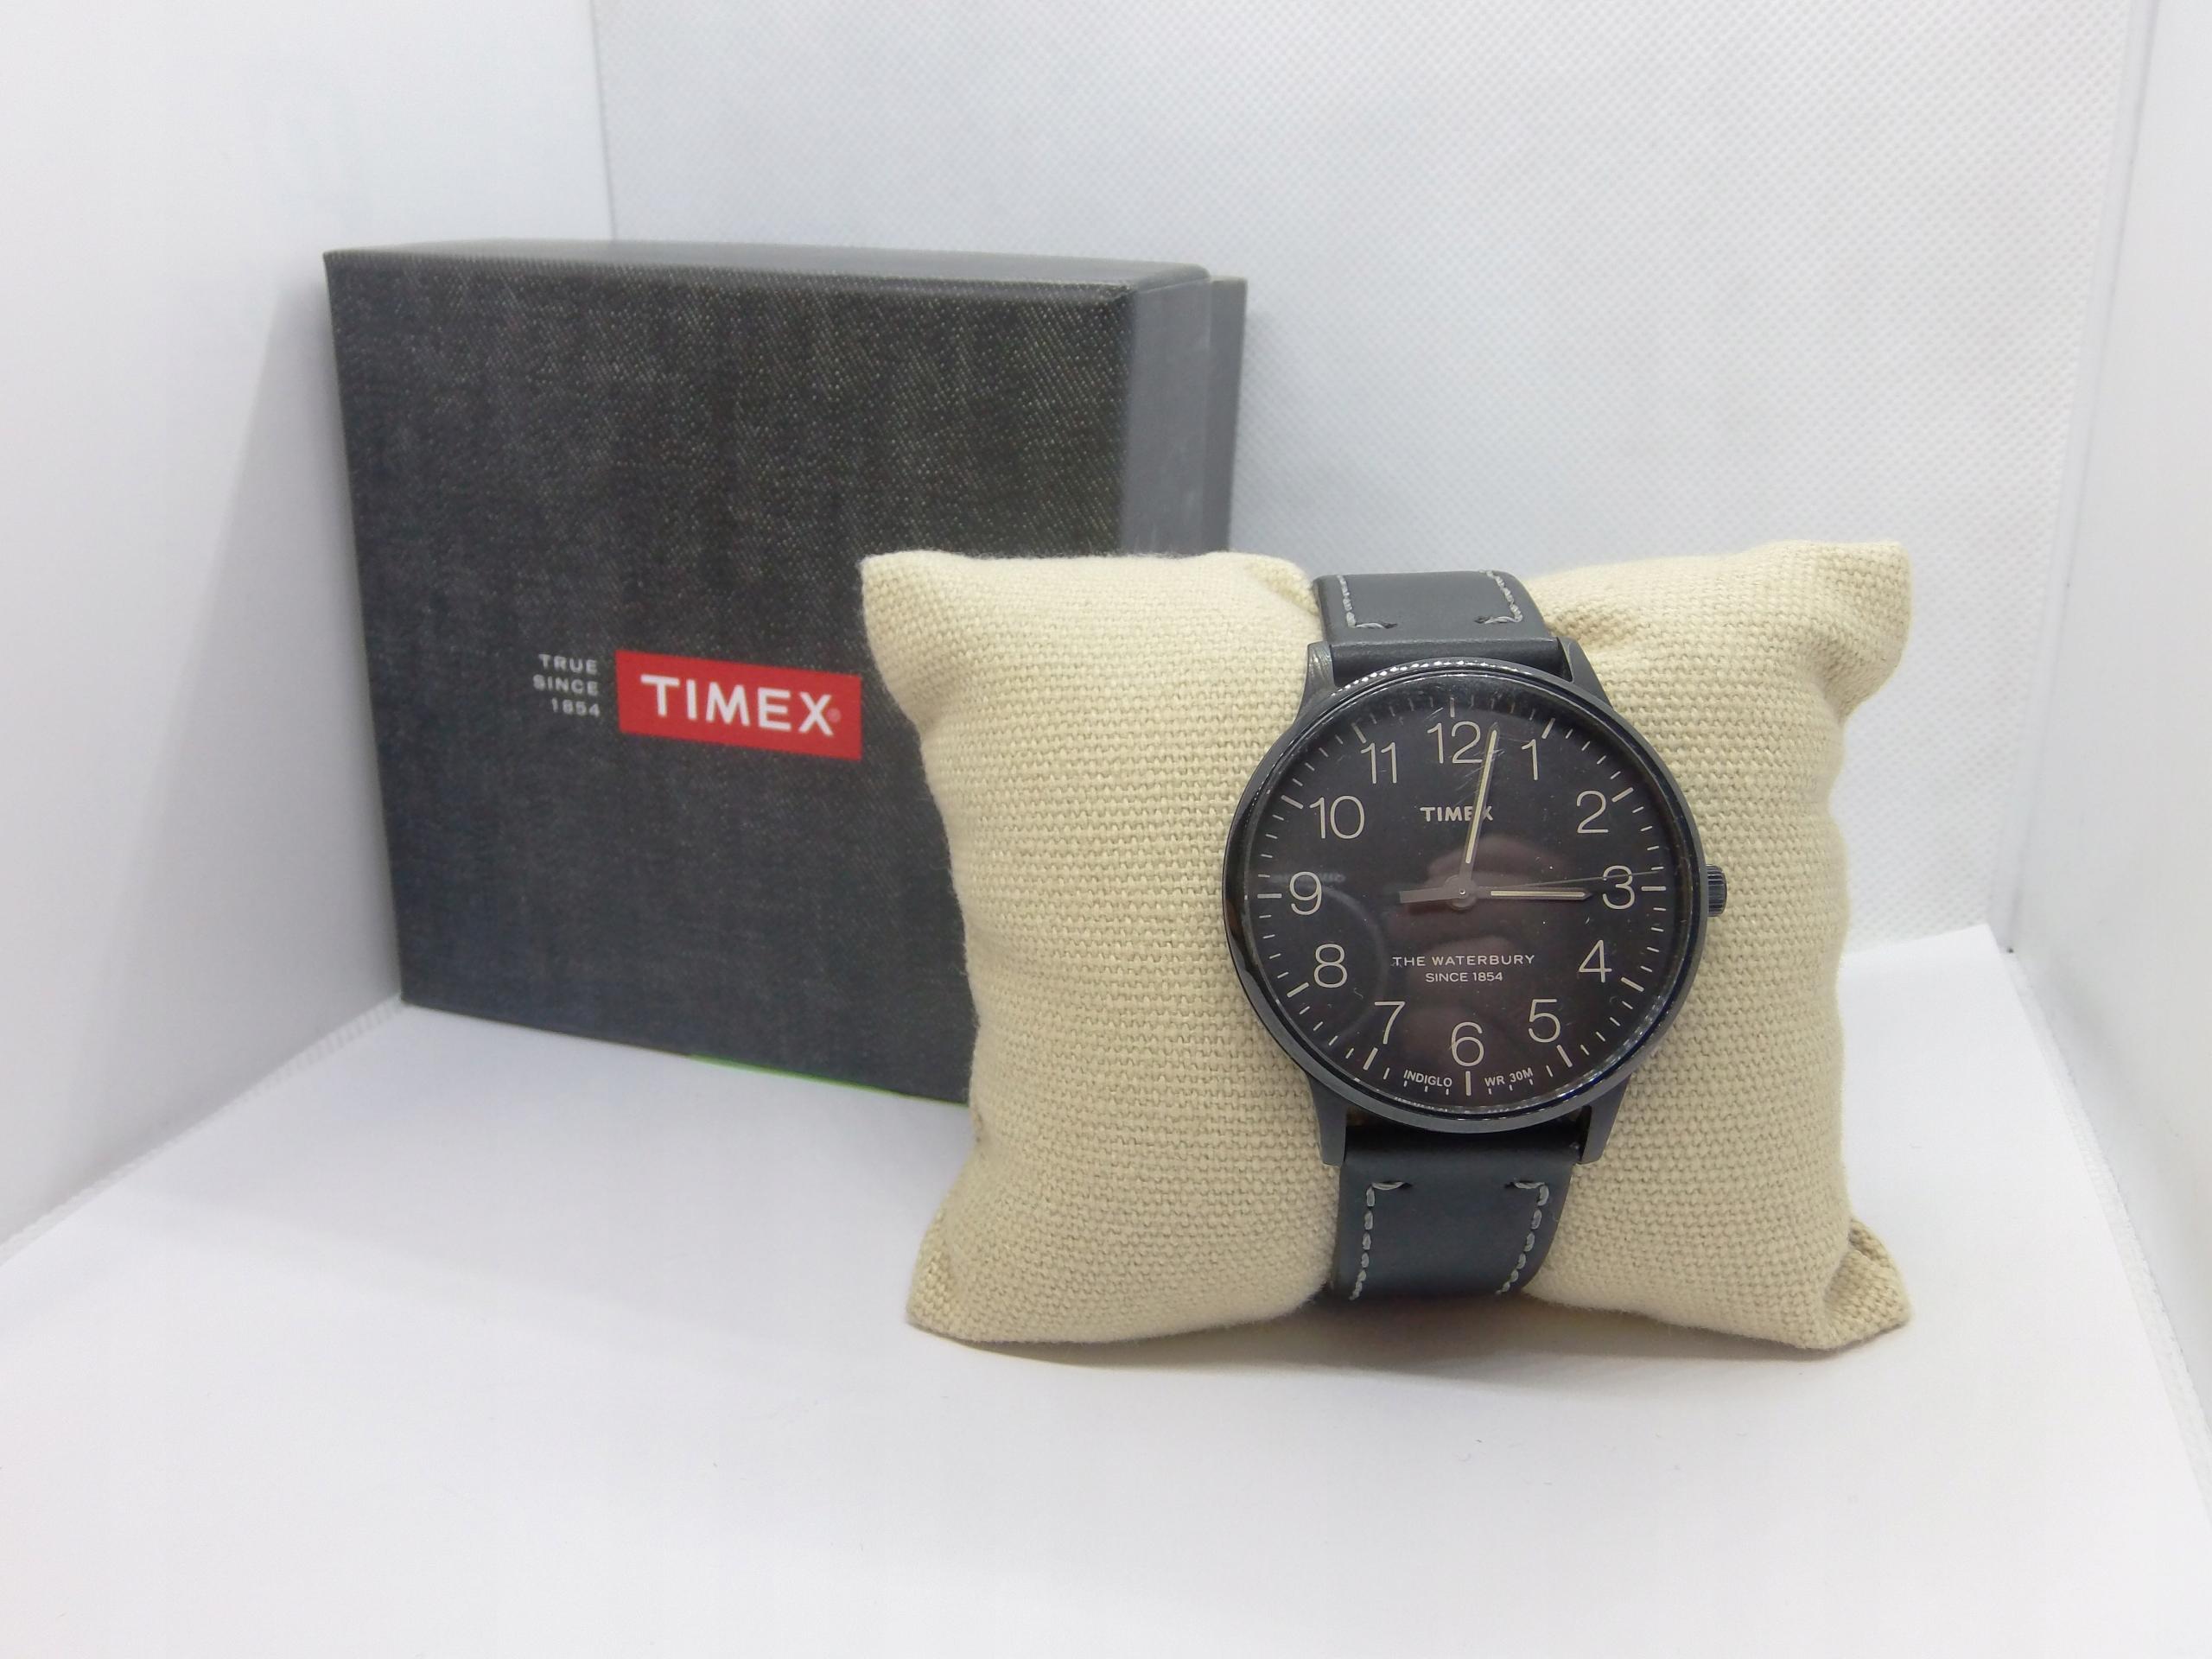 Zegarek Timex Waterbury CR2016 (Ru)